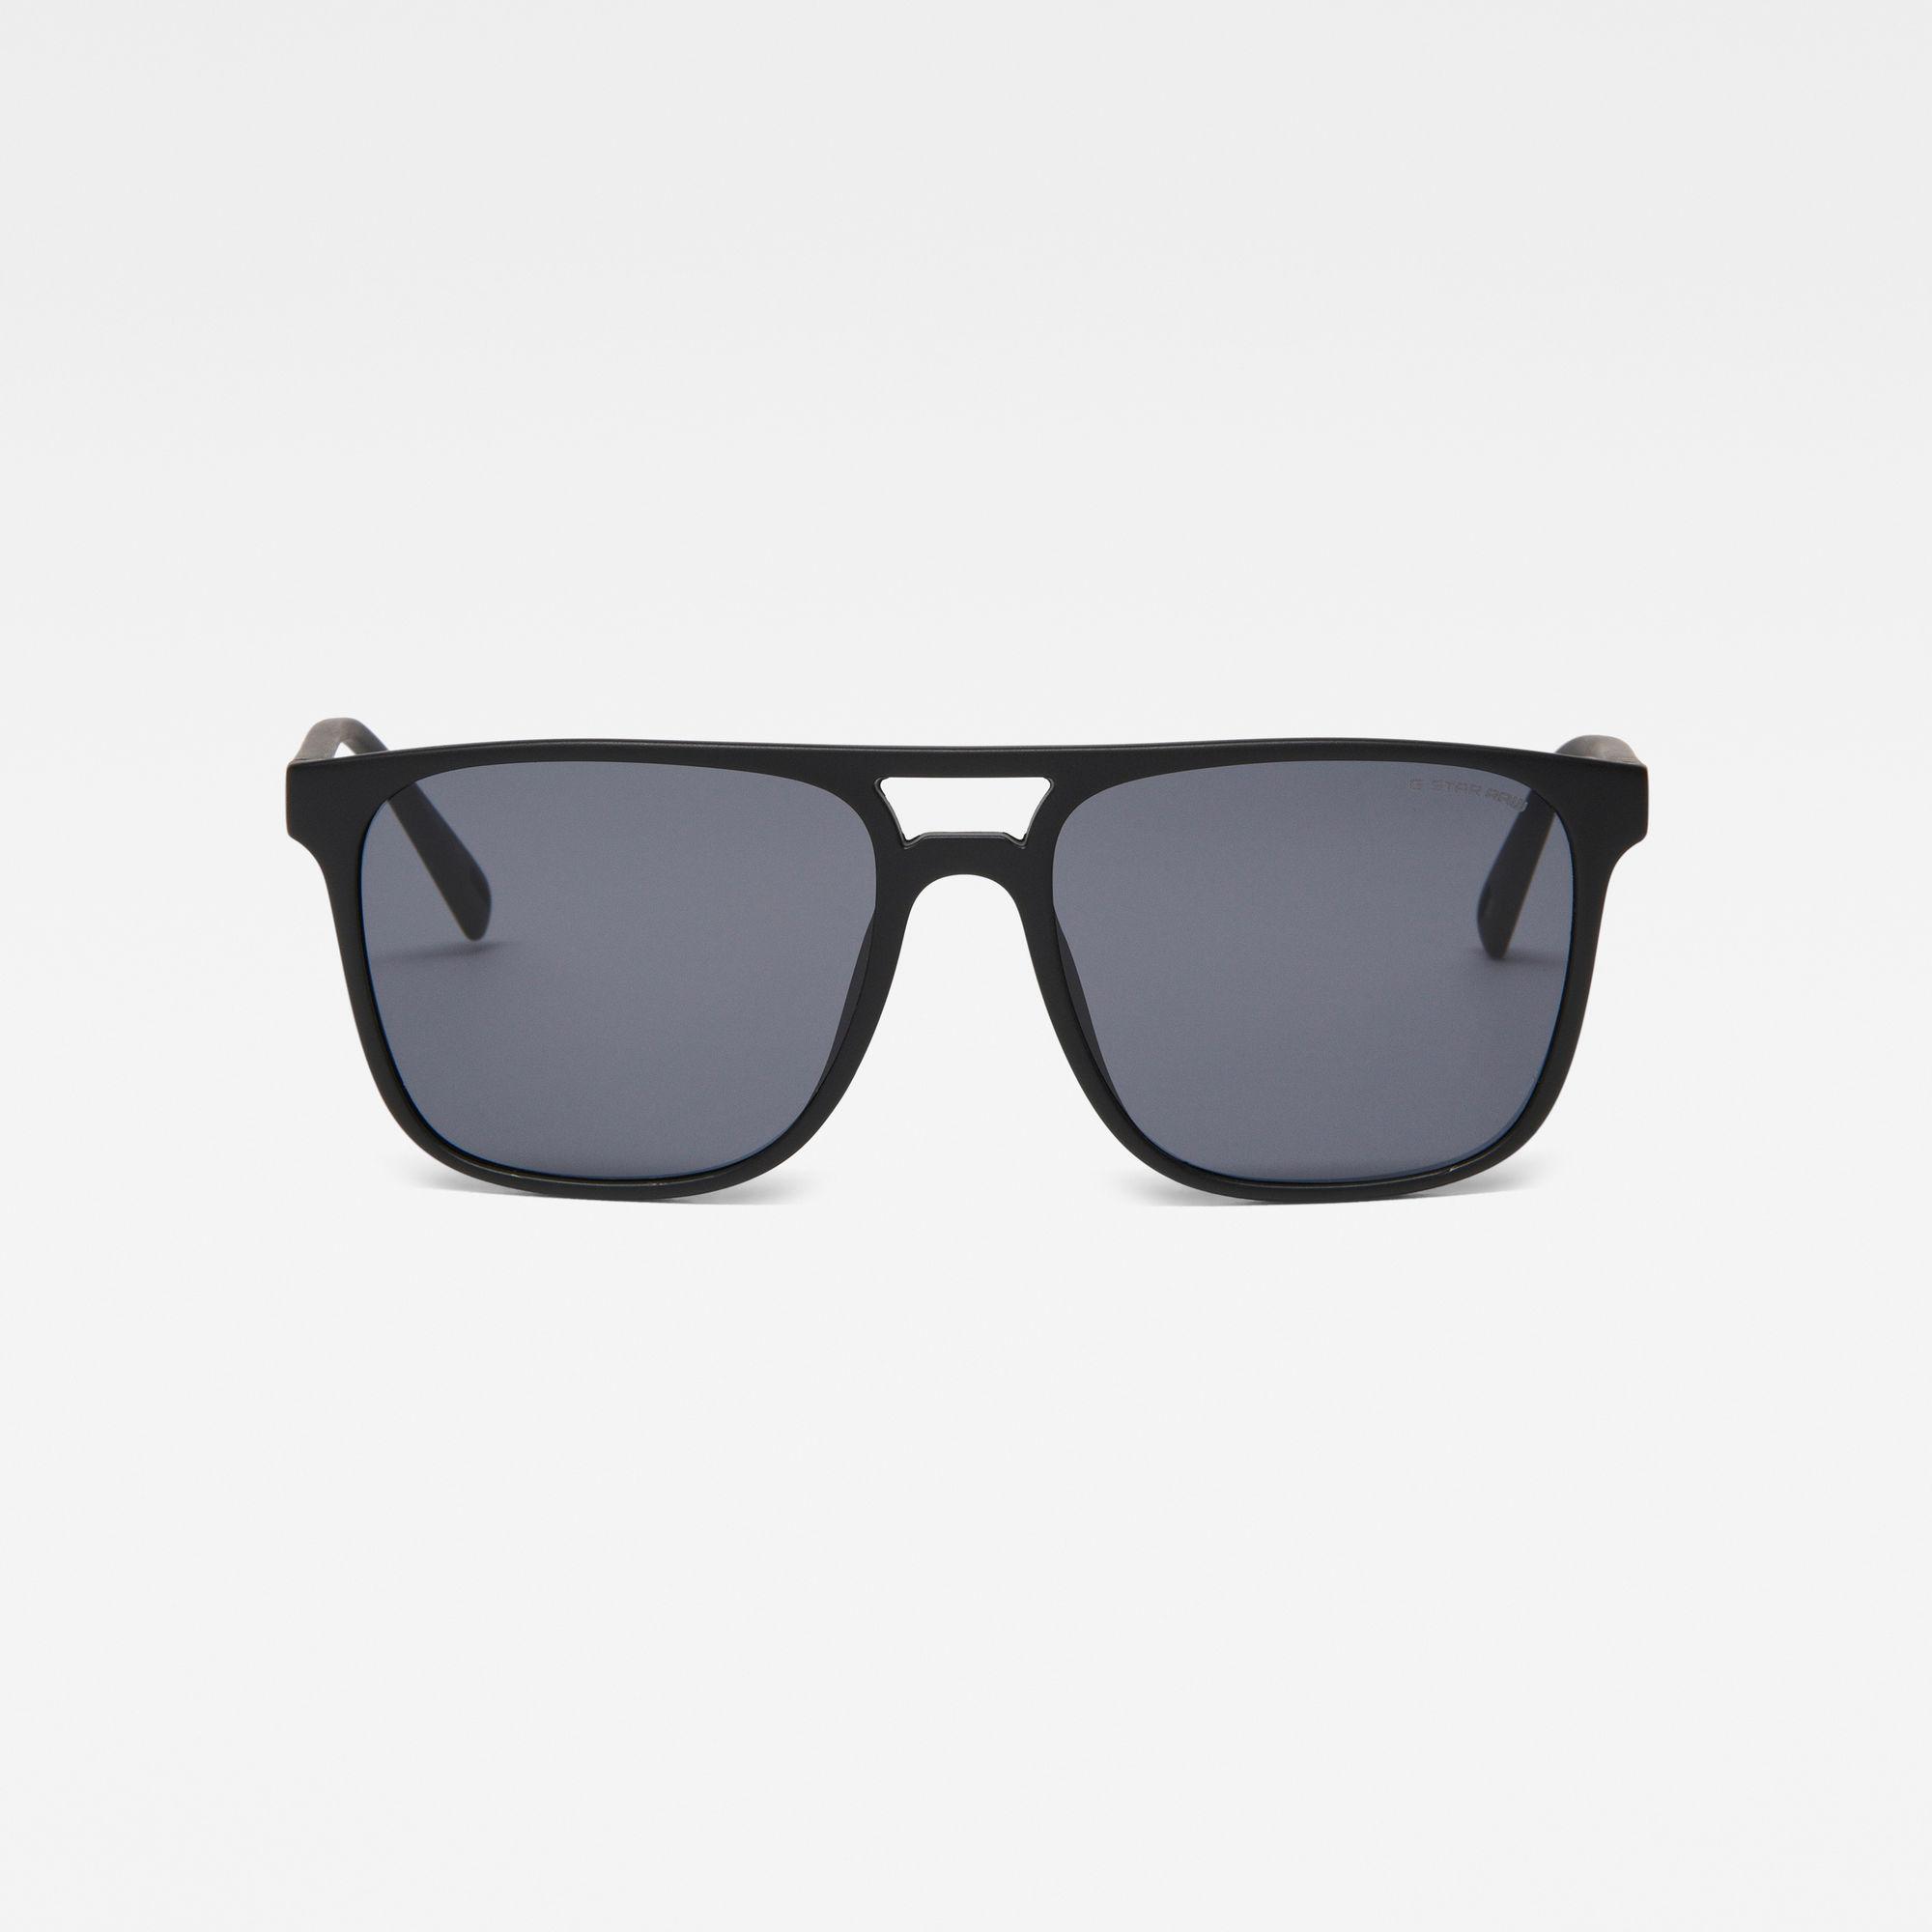 GSRD Tomeo Sunglasses